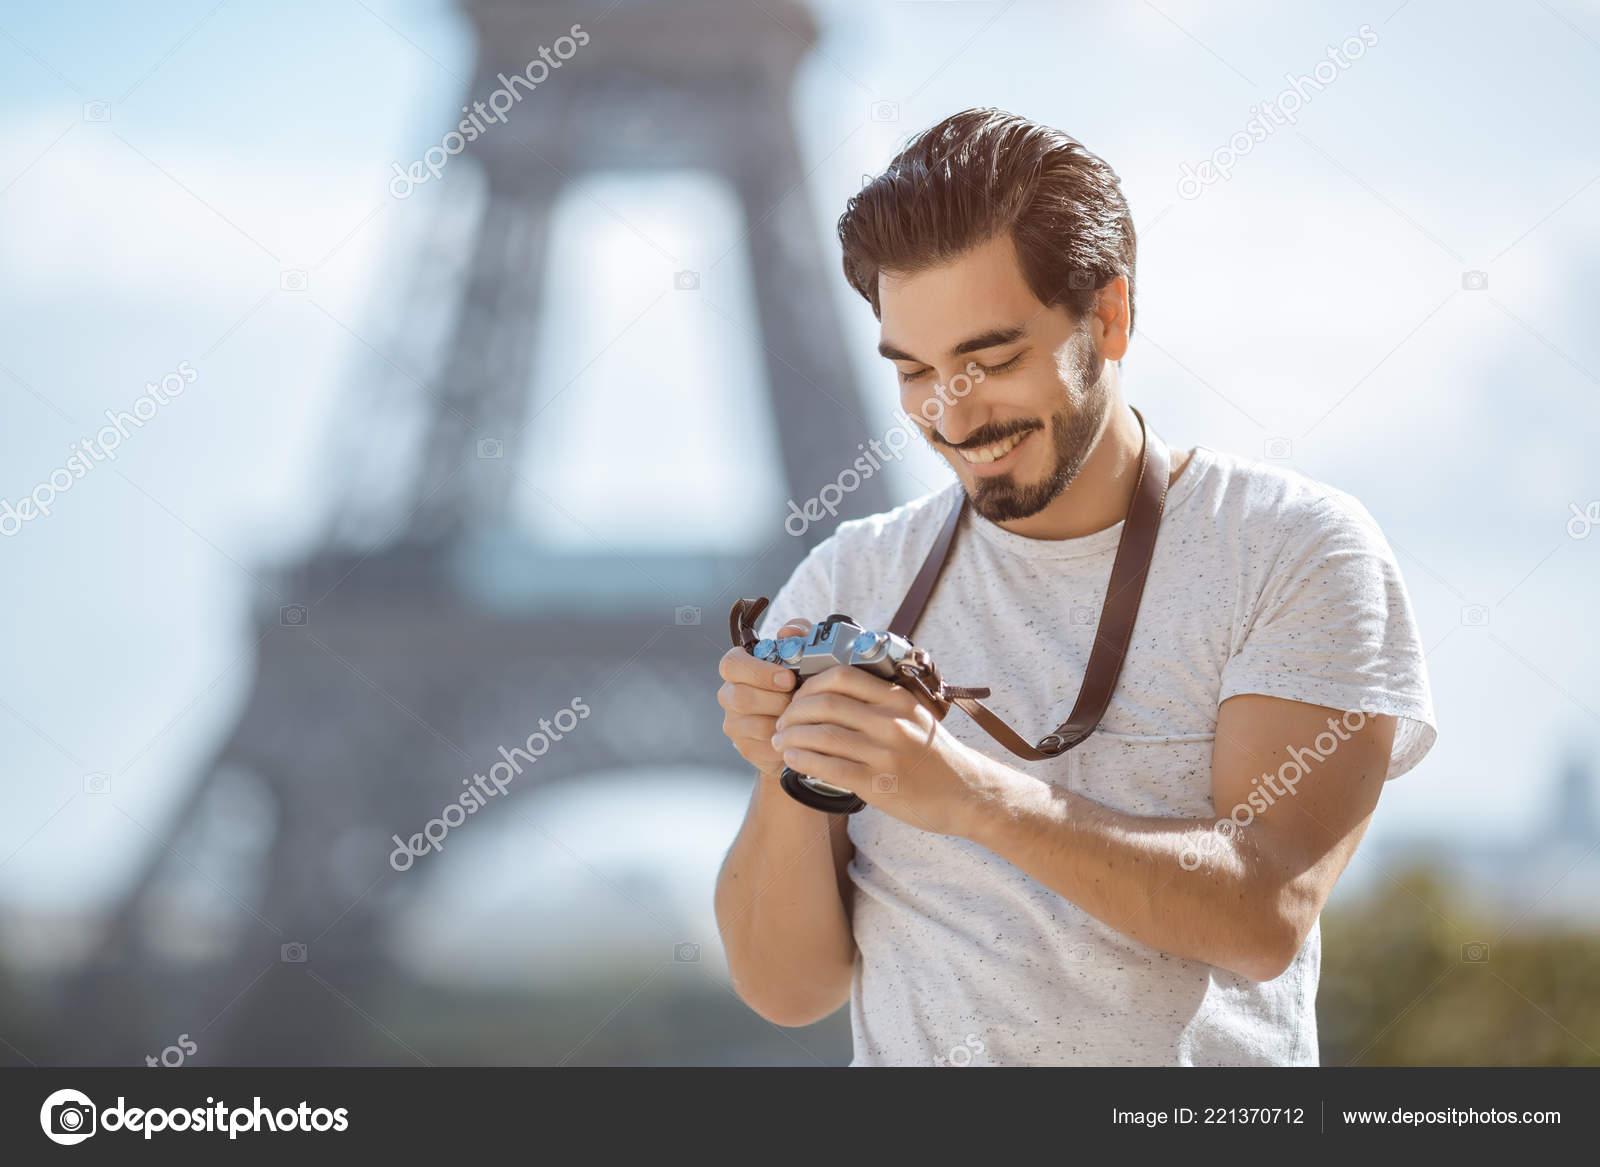 francouzský chlap datování asijské dívky jupiters townville speed dating